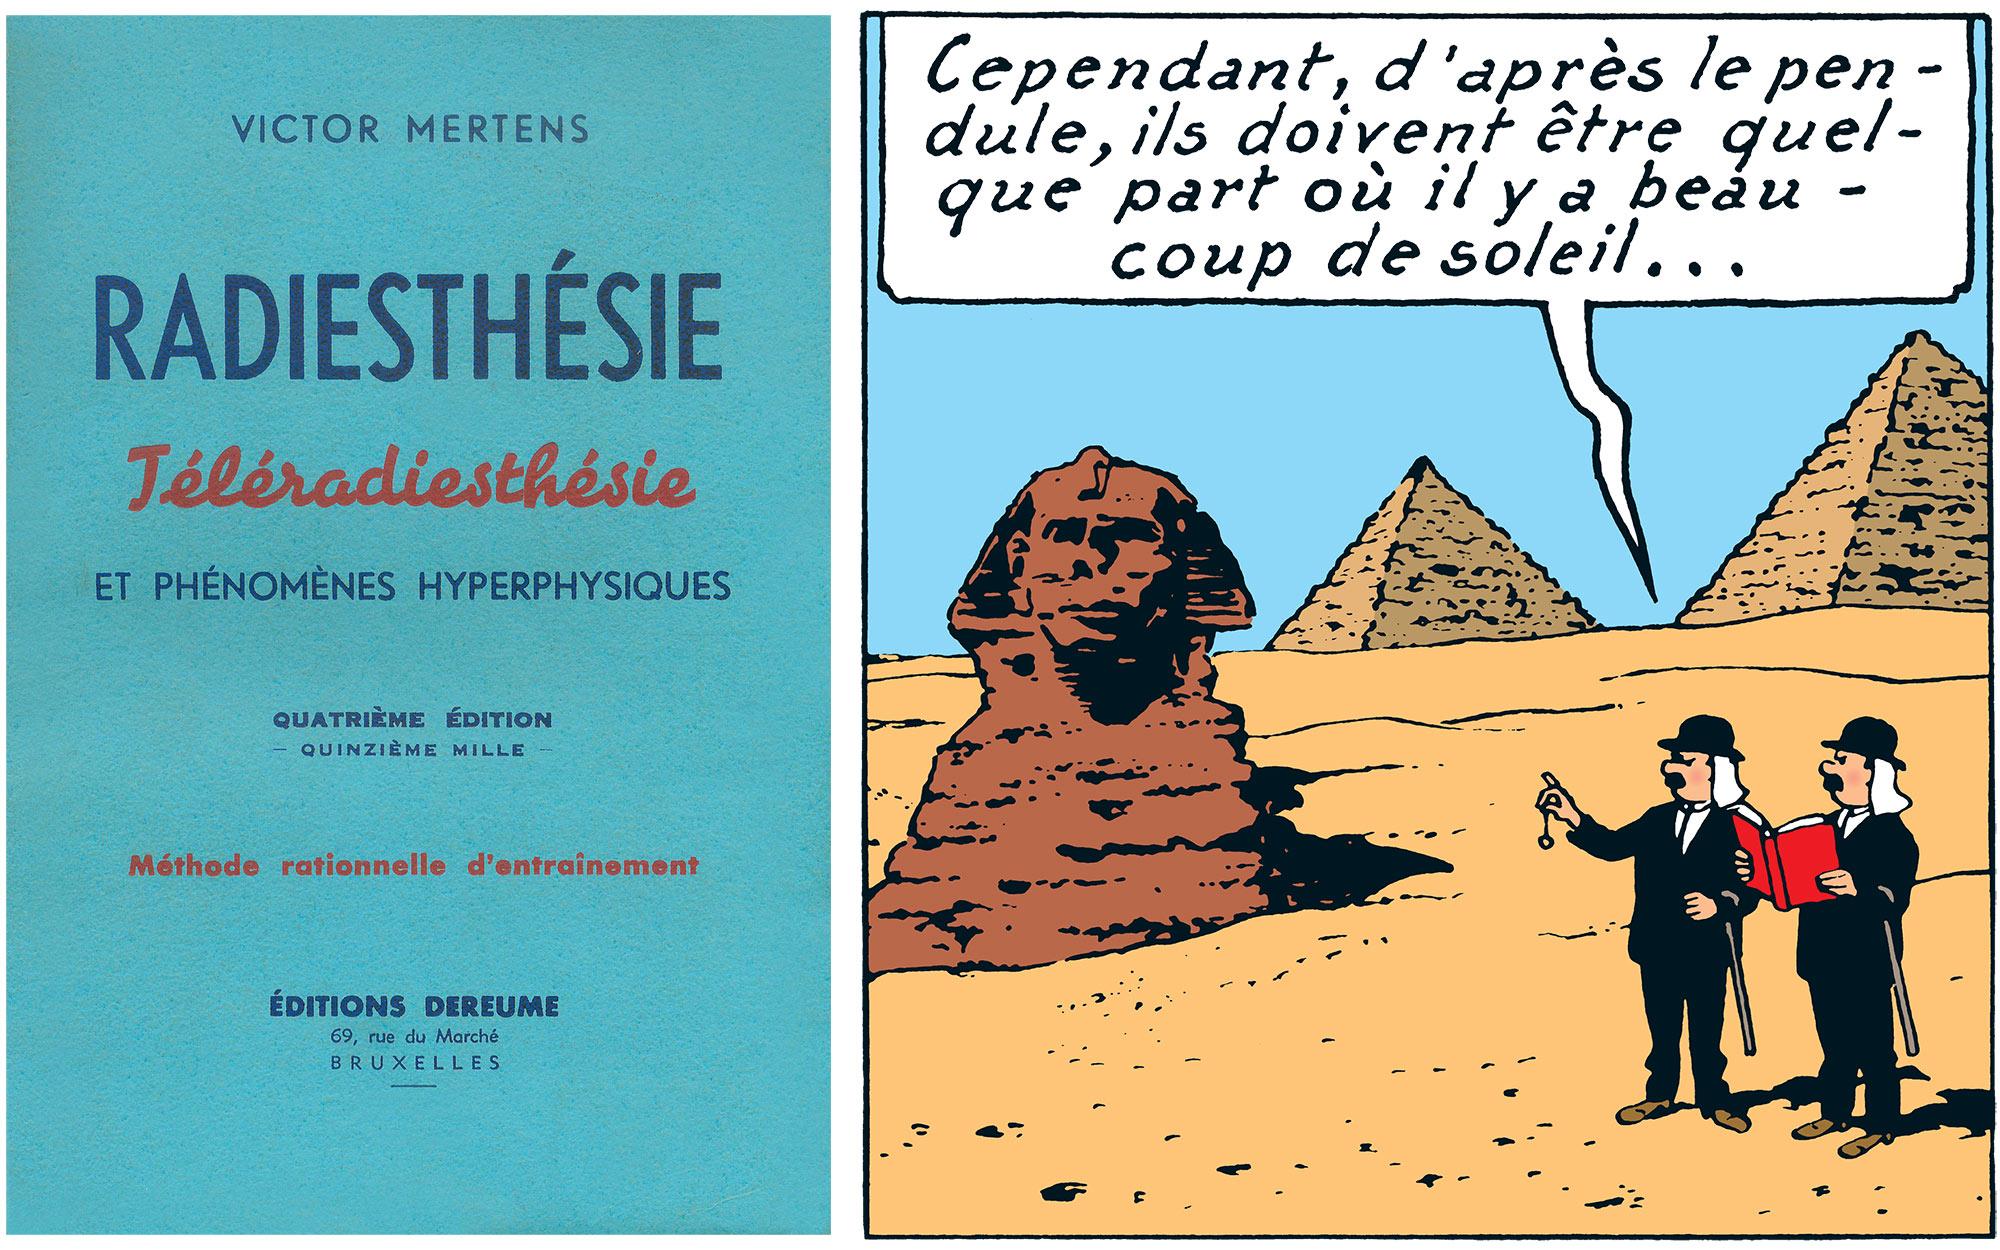 Les Dupondt radiesthésistes en Egypte dans le Temple du Soleil